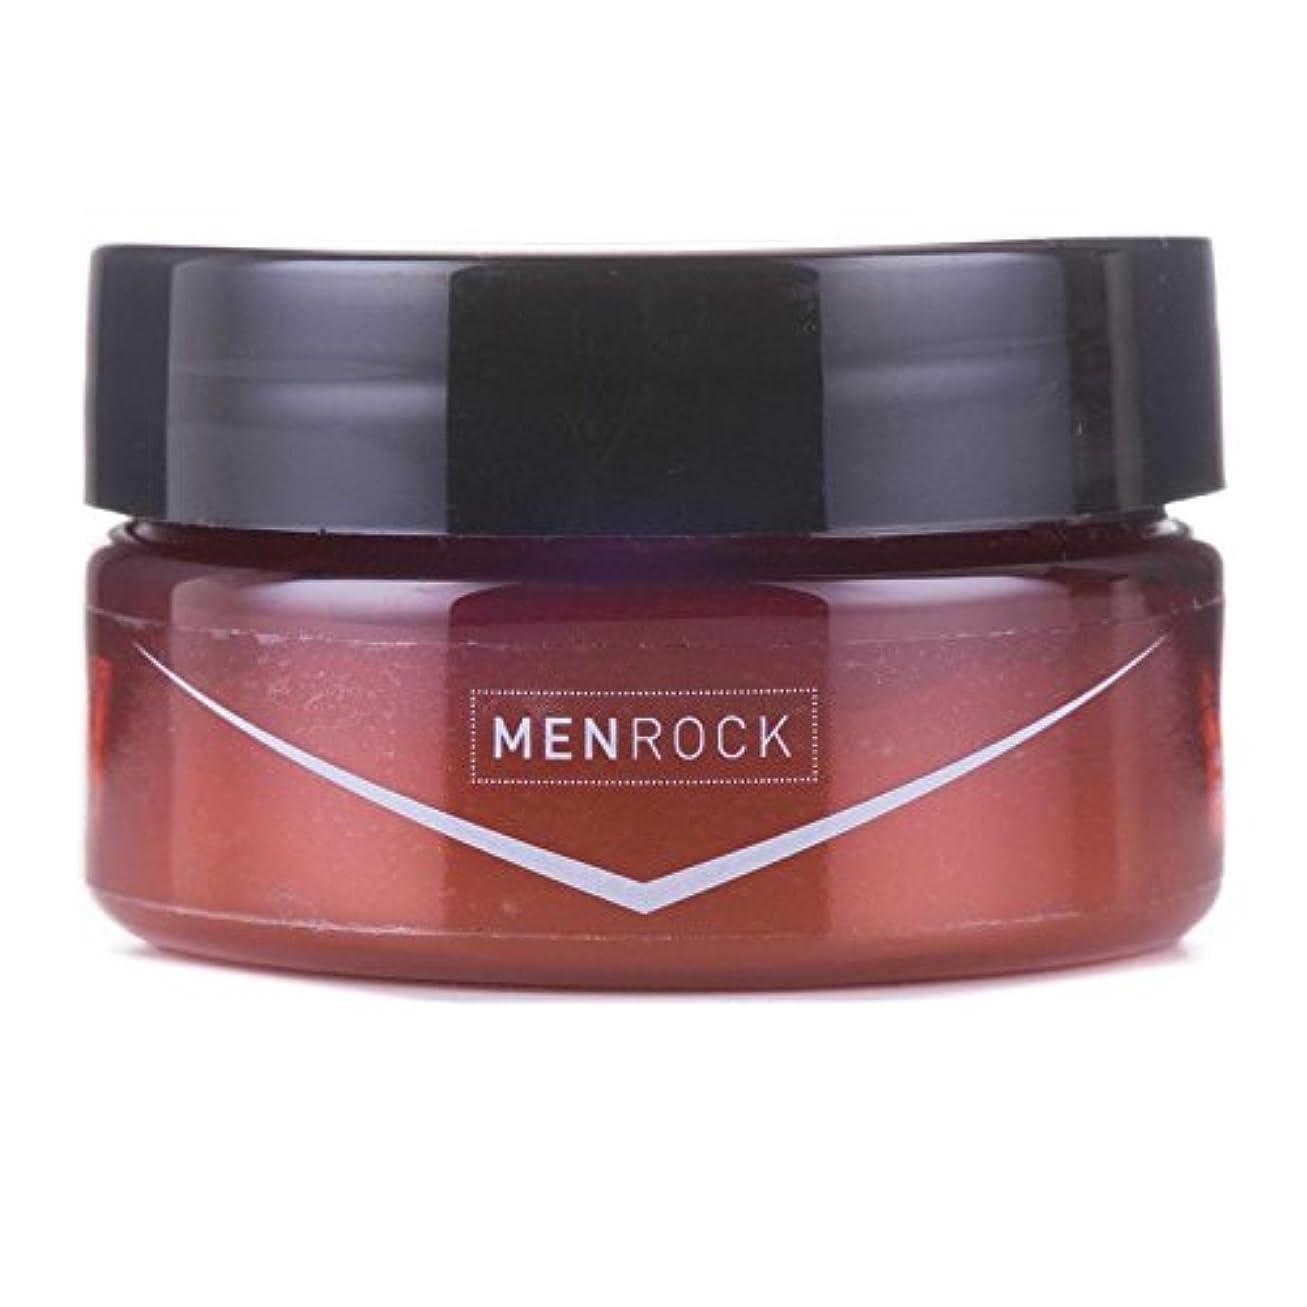 ギャング生産性極小男性の岩白檀口ひげワックス x2 - Men Rock Sandalwood Moustache Wax (Pack of 2) [並行輸入品]